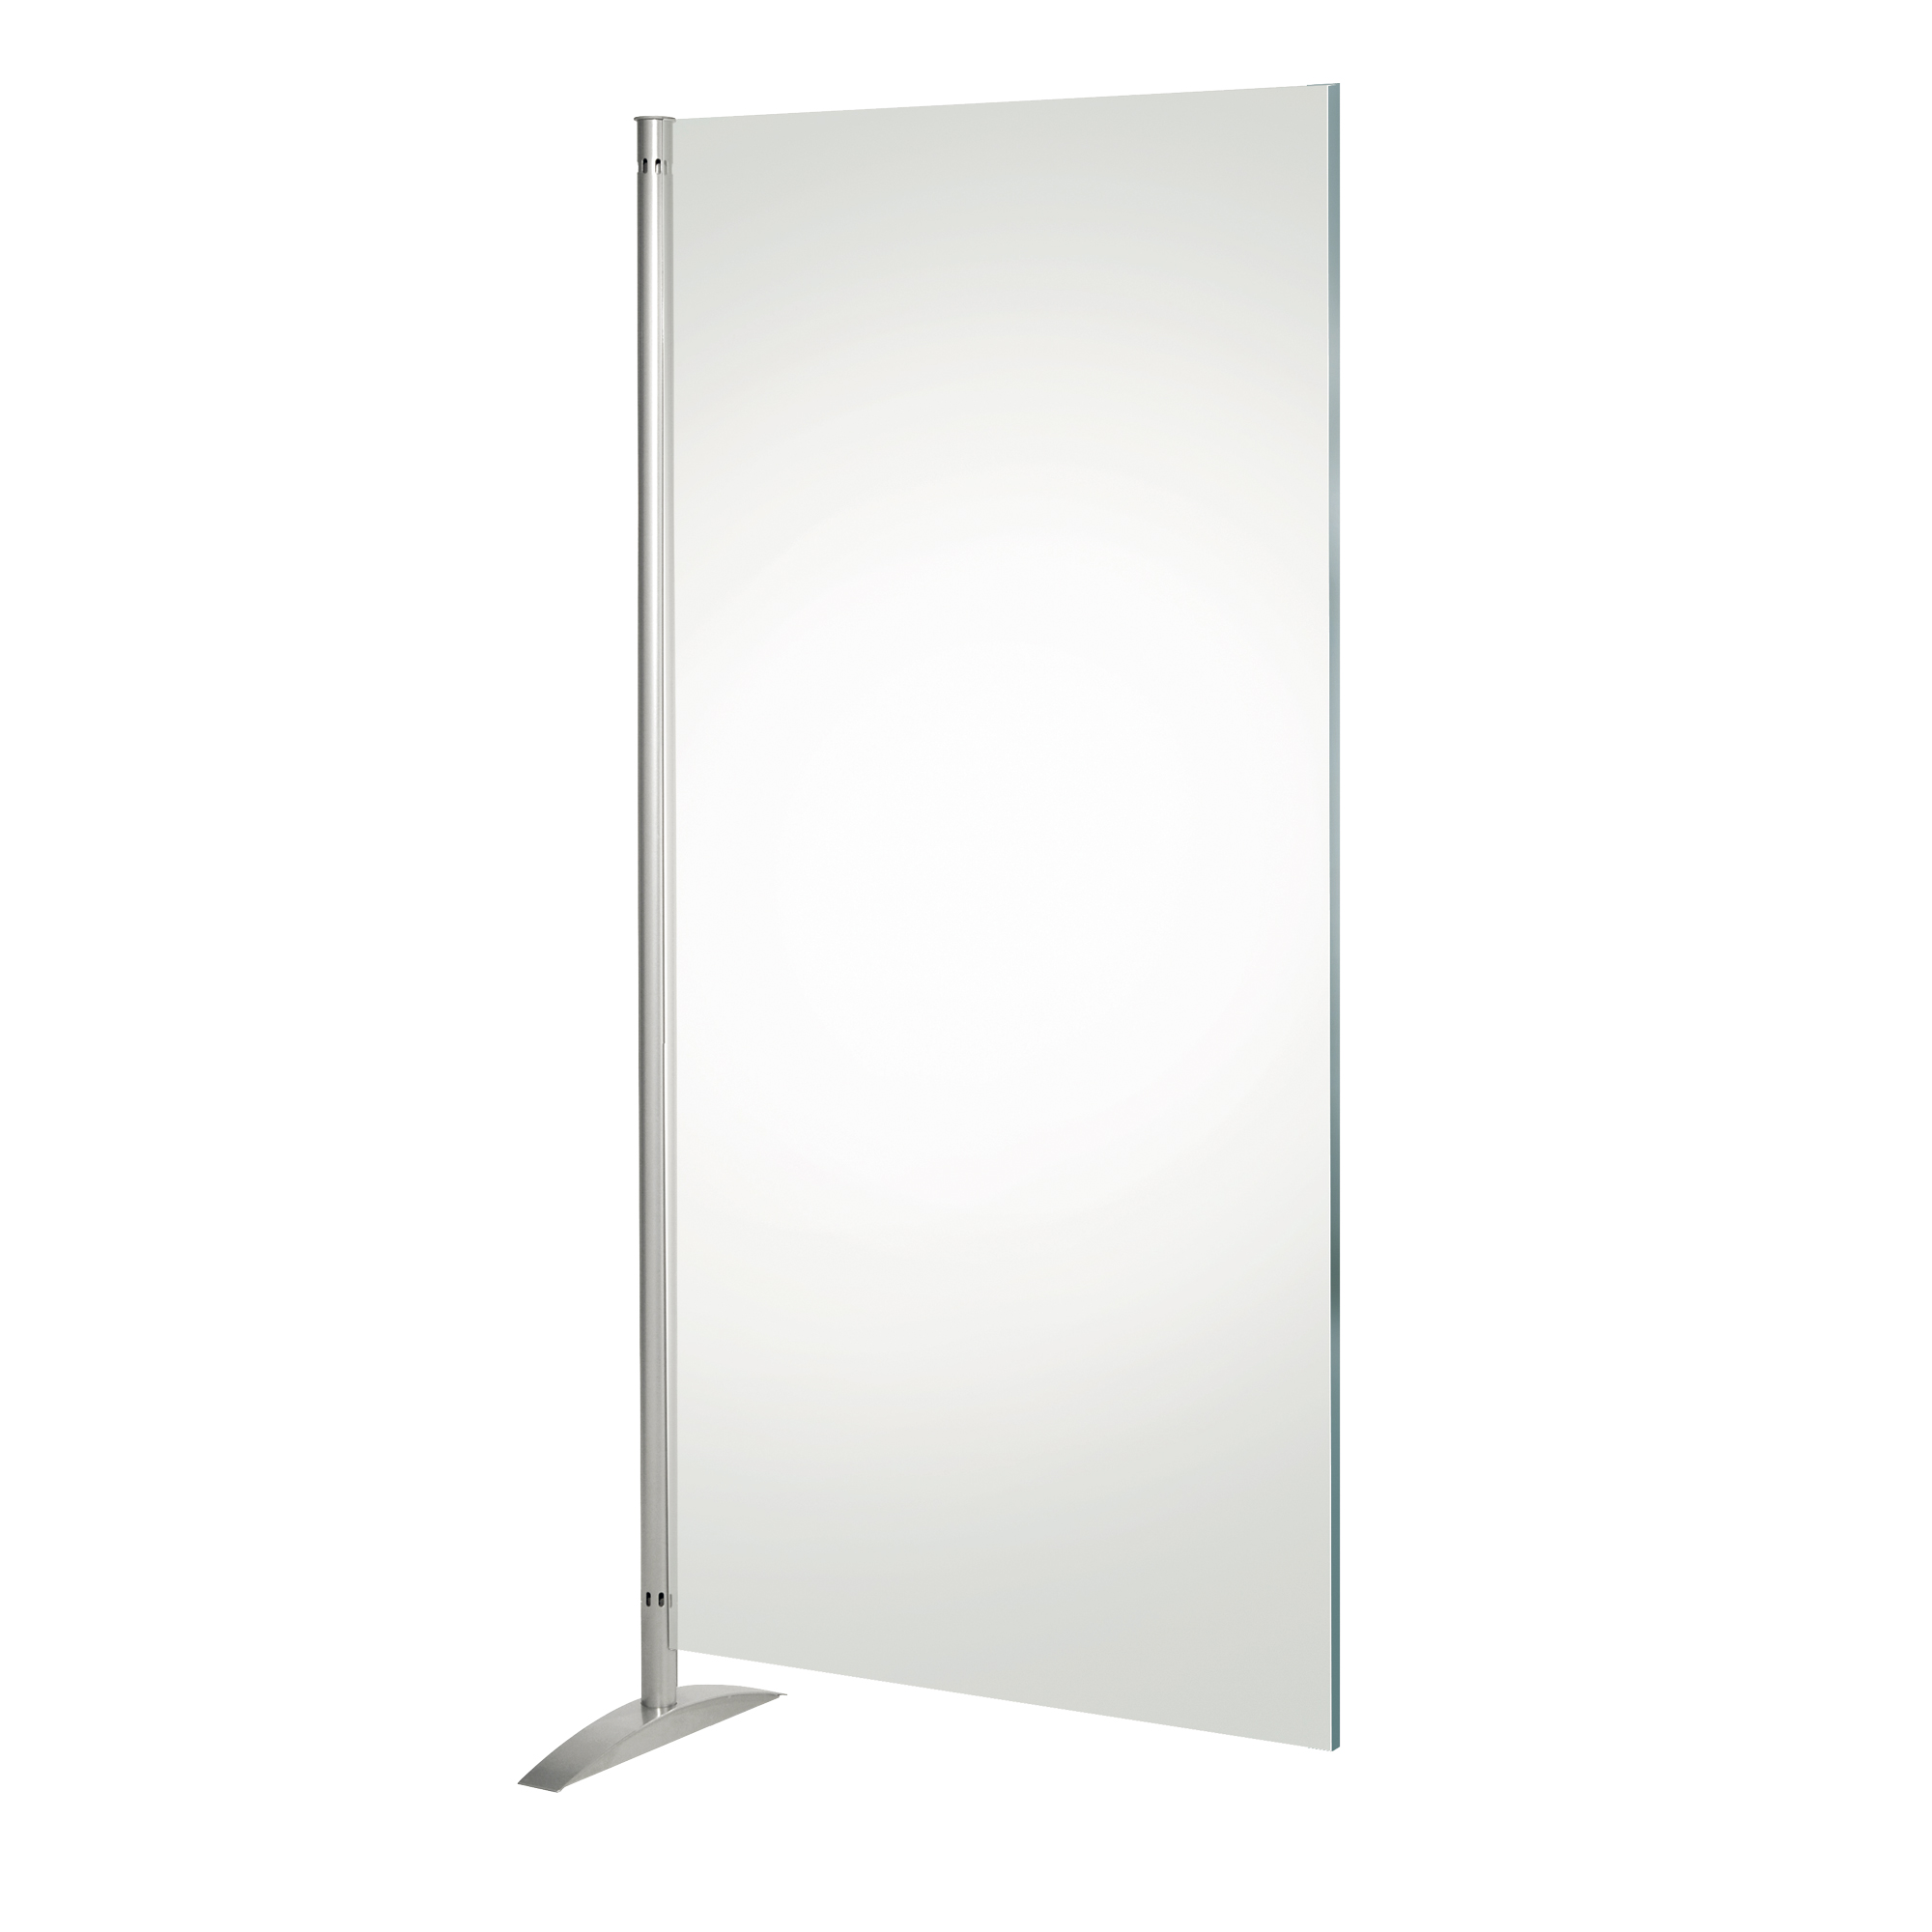 Transparent-Element für Sichtschutz